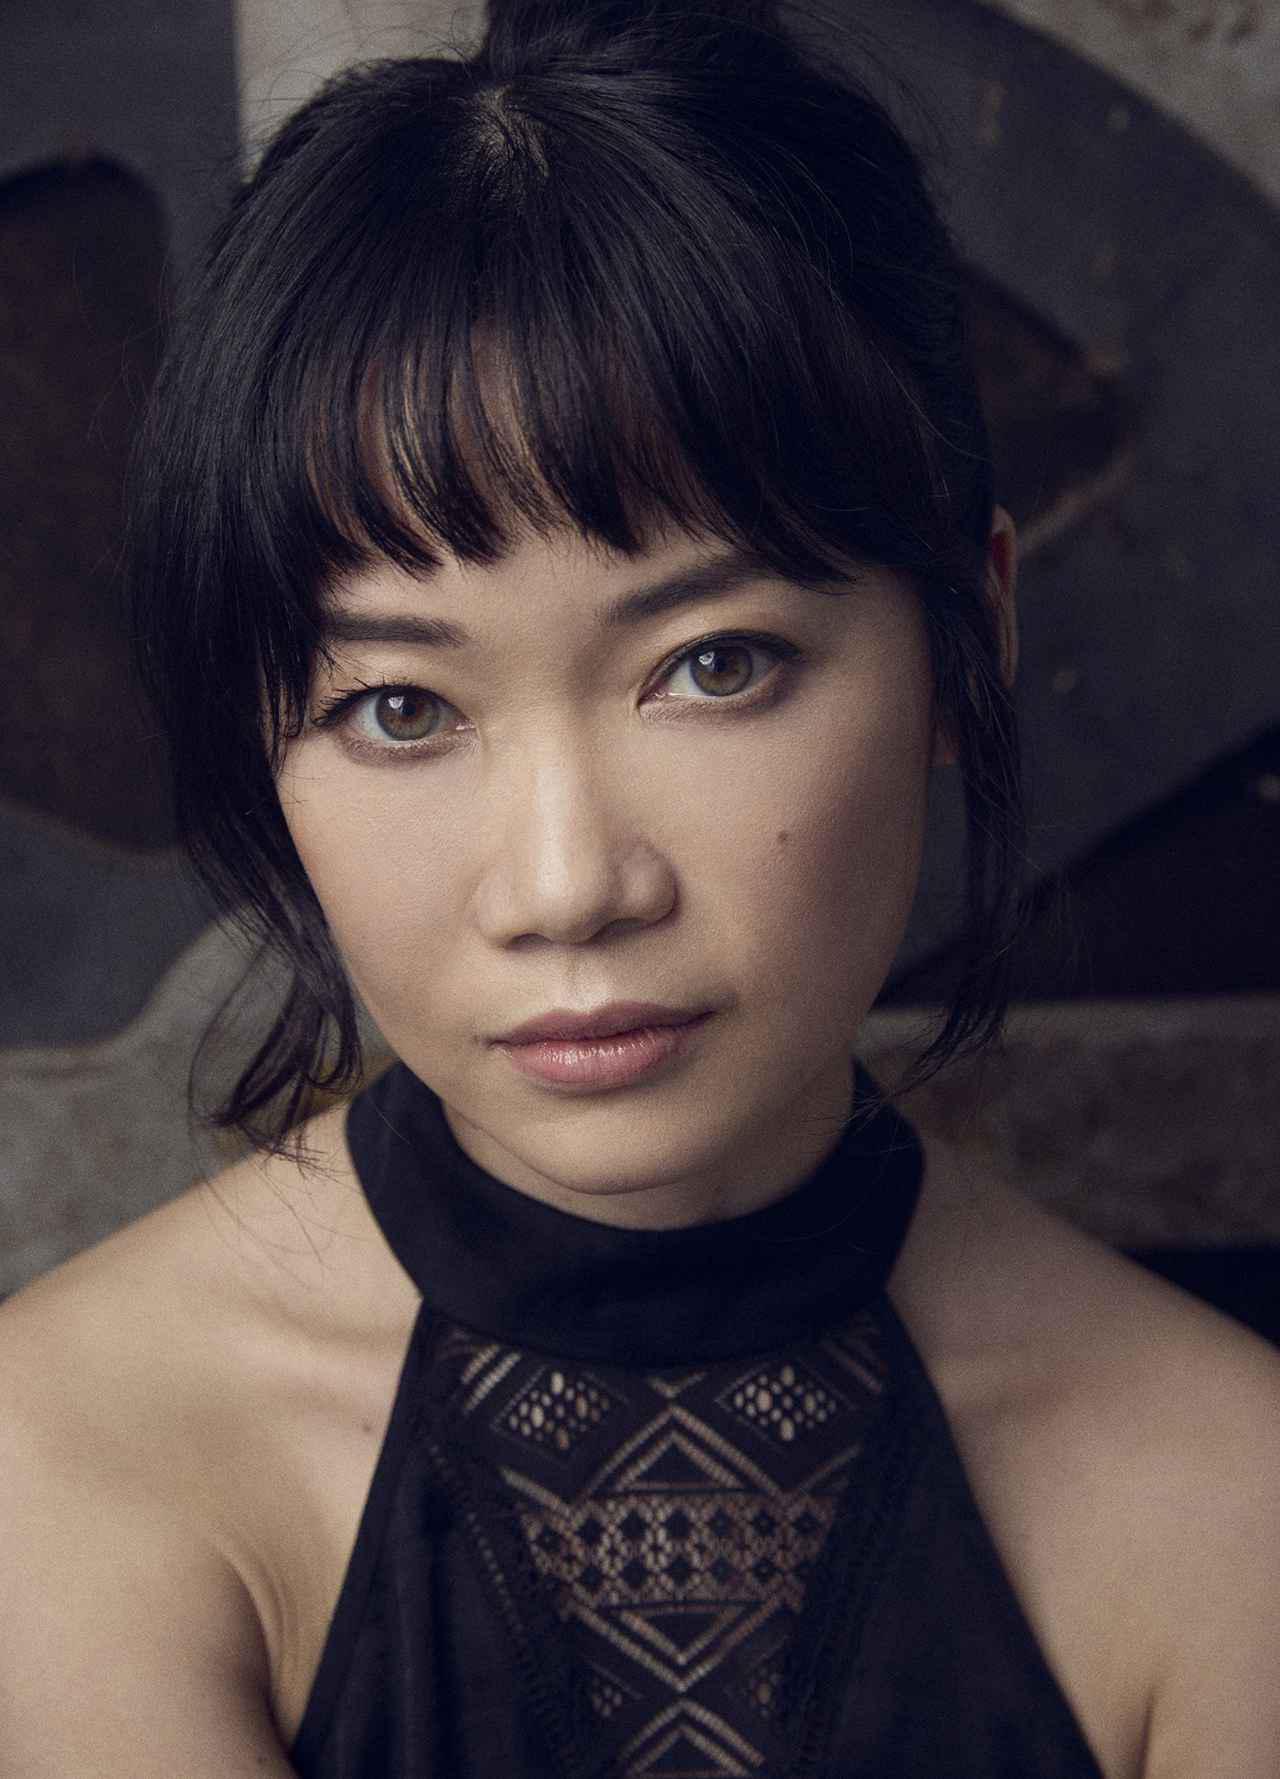 画像2: 『G.I.ジョー』シリーズ新作、アキコ役の安部春香さんにインタビュー